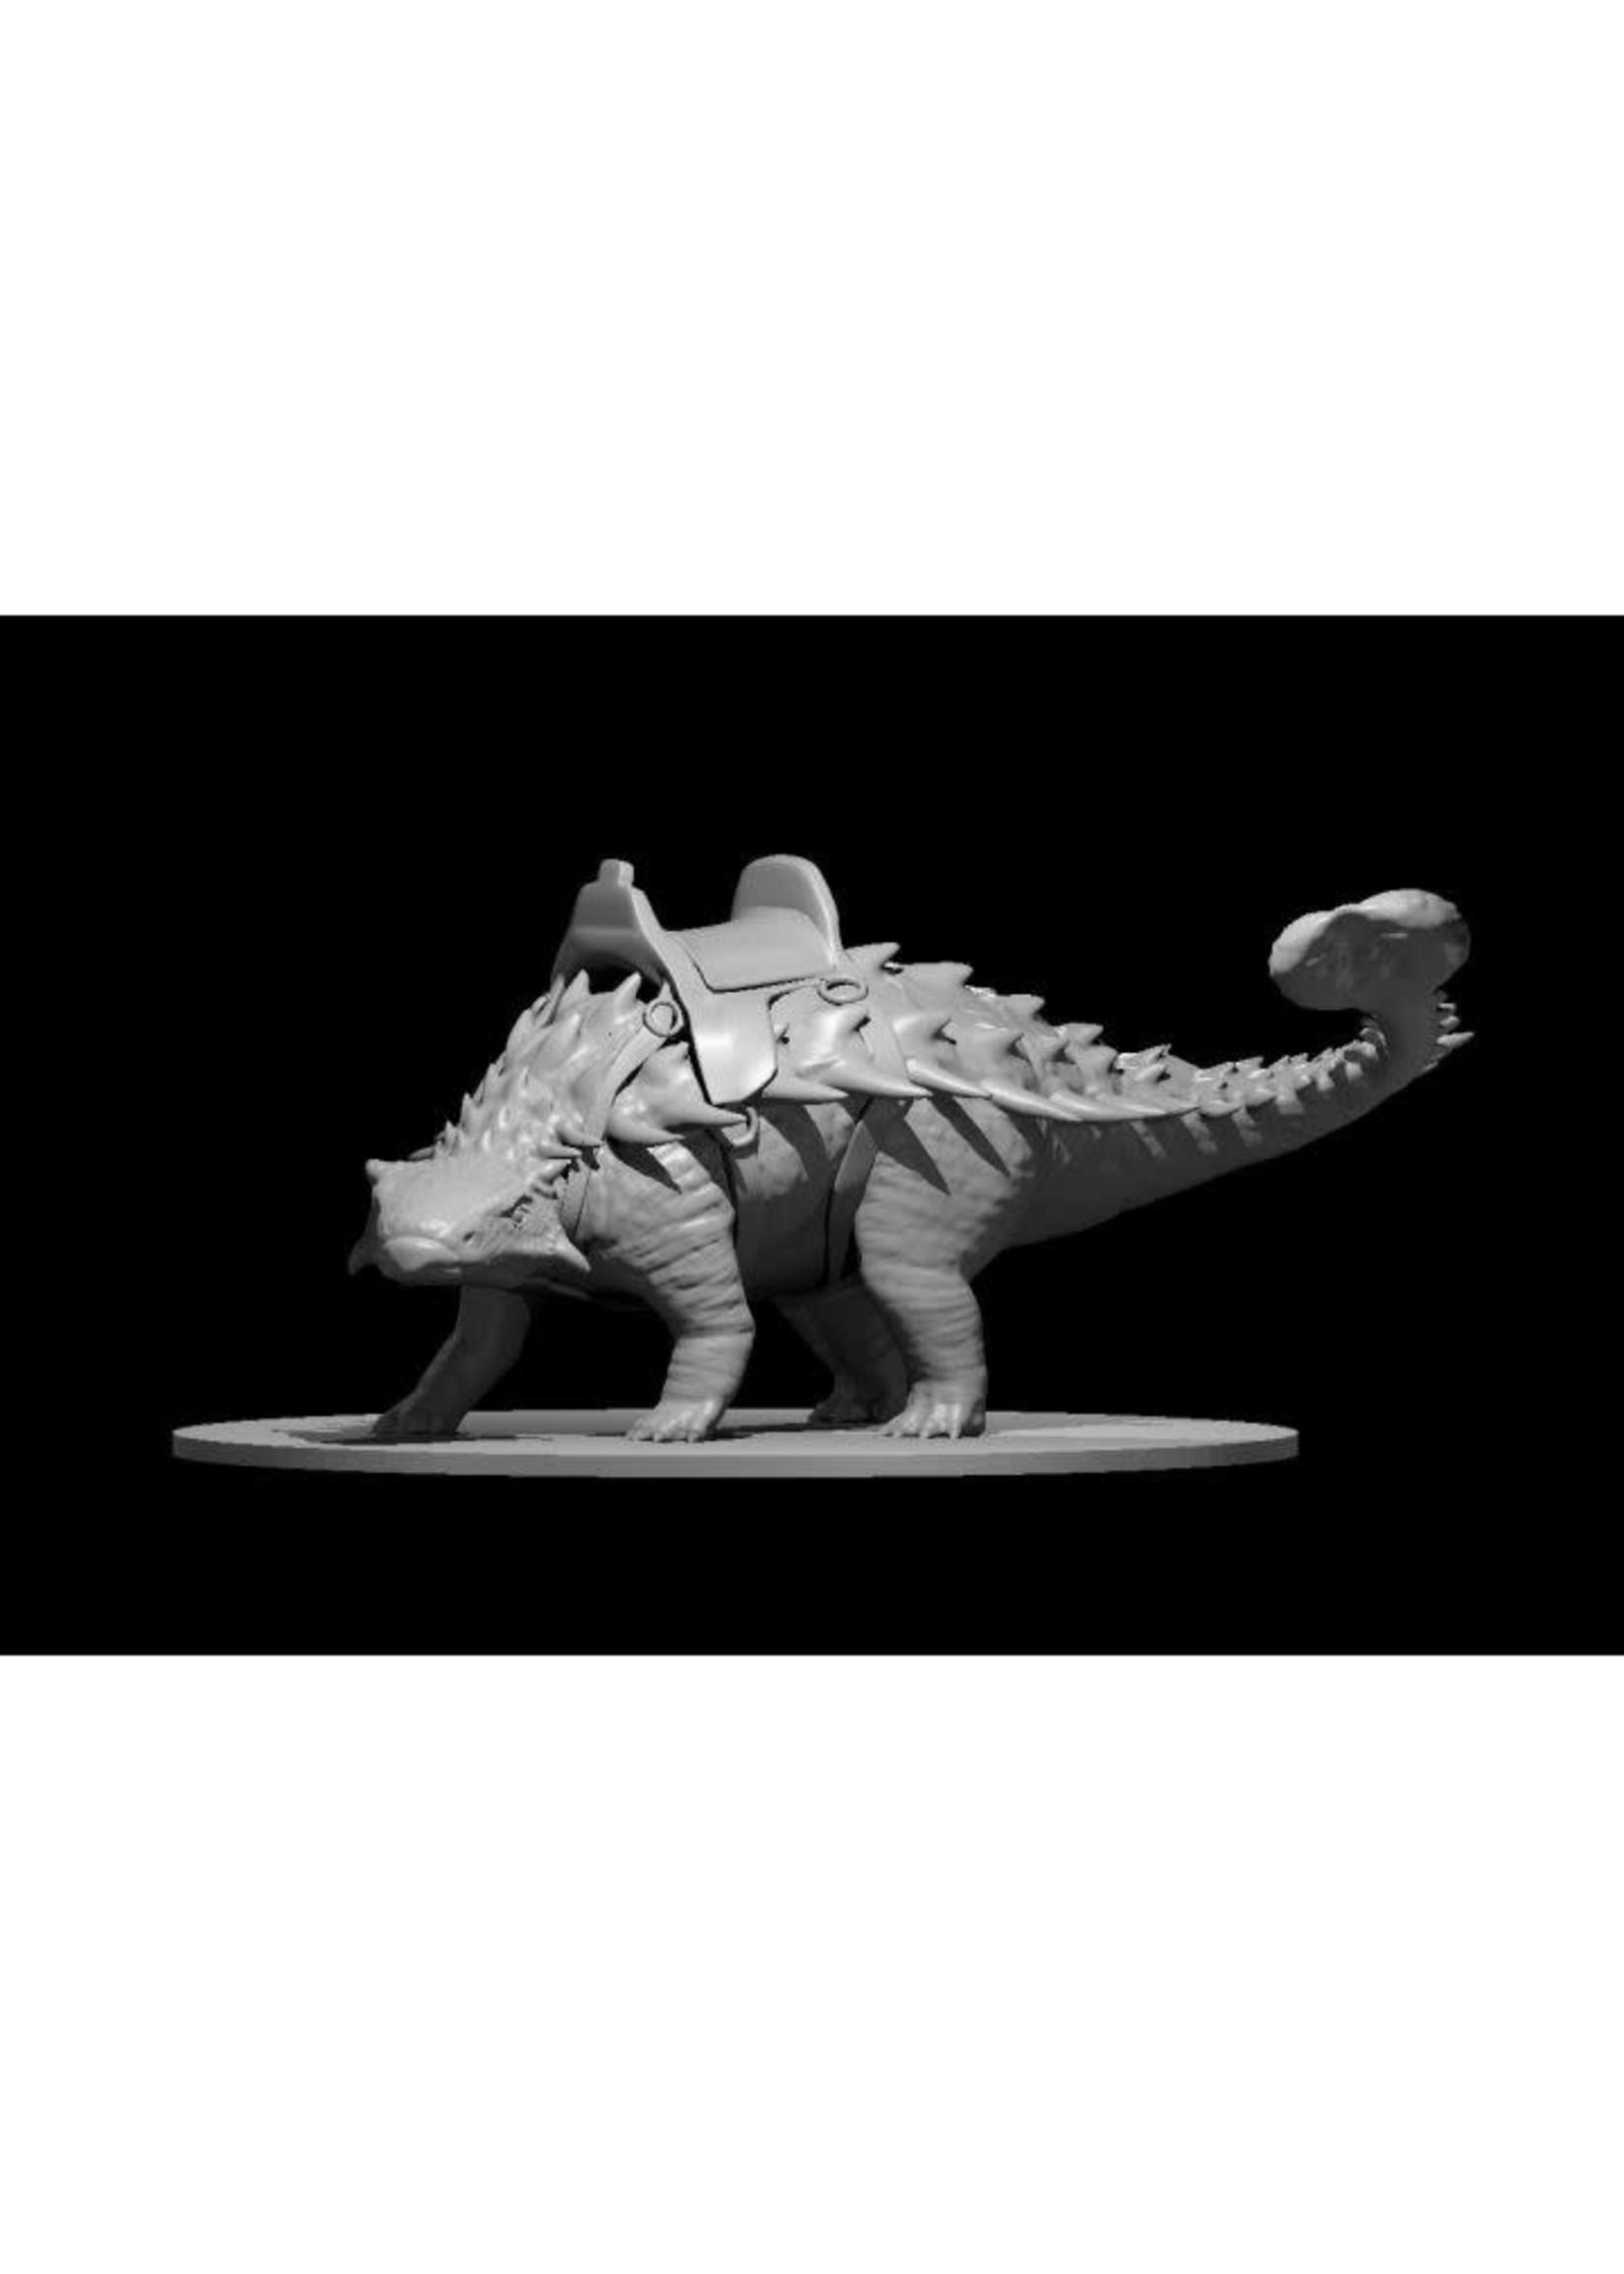 Ankylosaurus Mount (Patreon Mz4250)